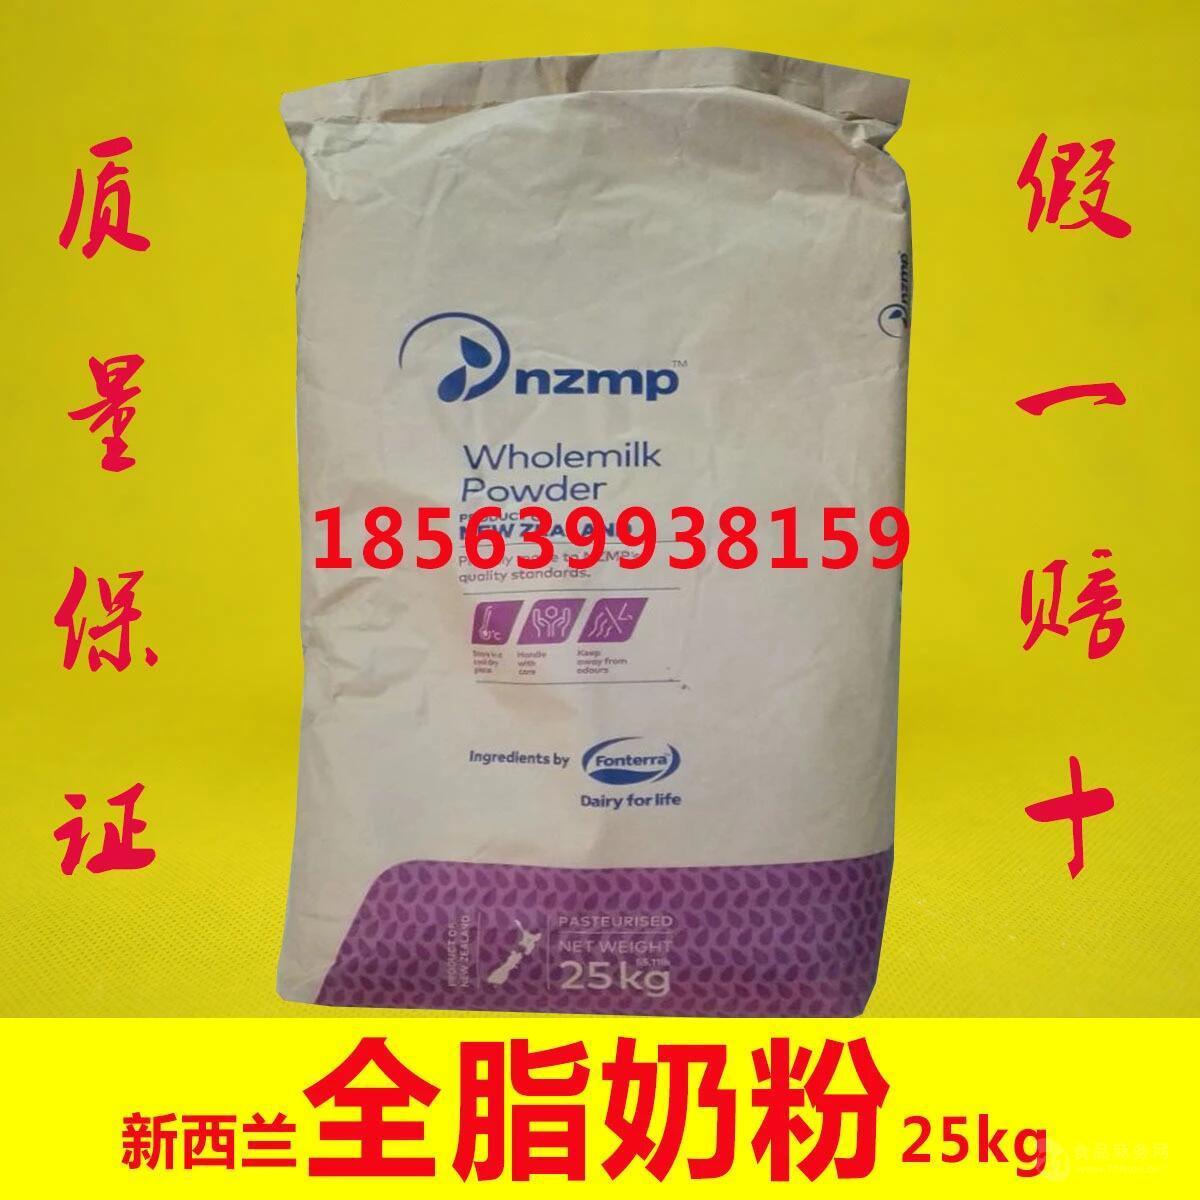 新西兰恒天天然食品级全脂奶粉 全脂乳粉价格